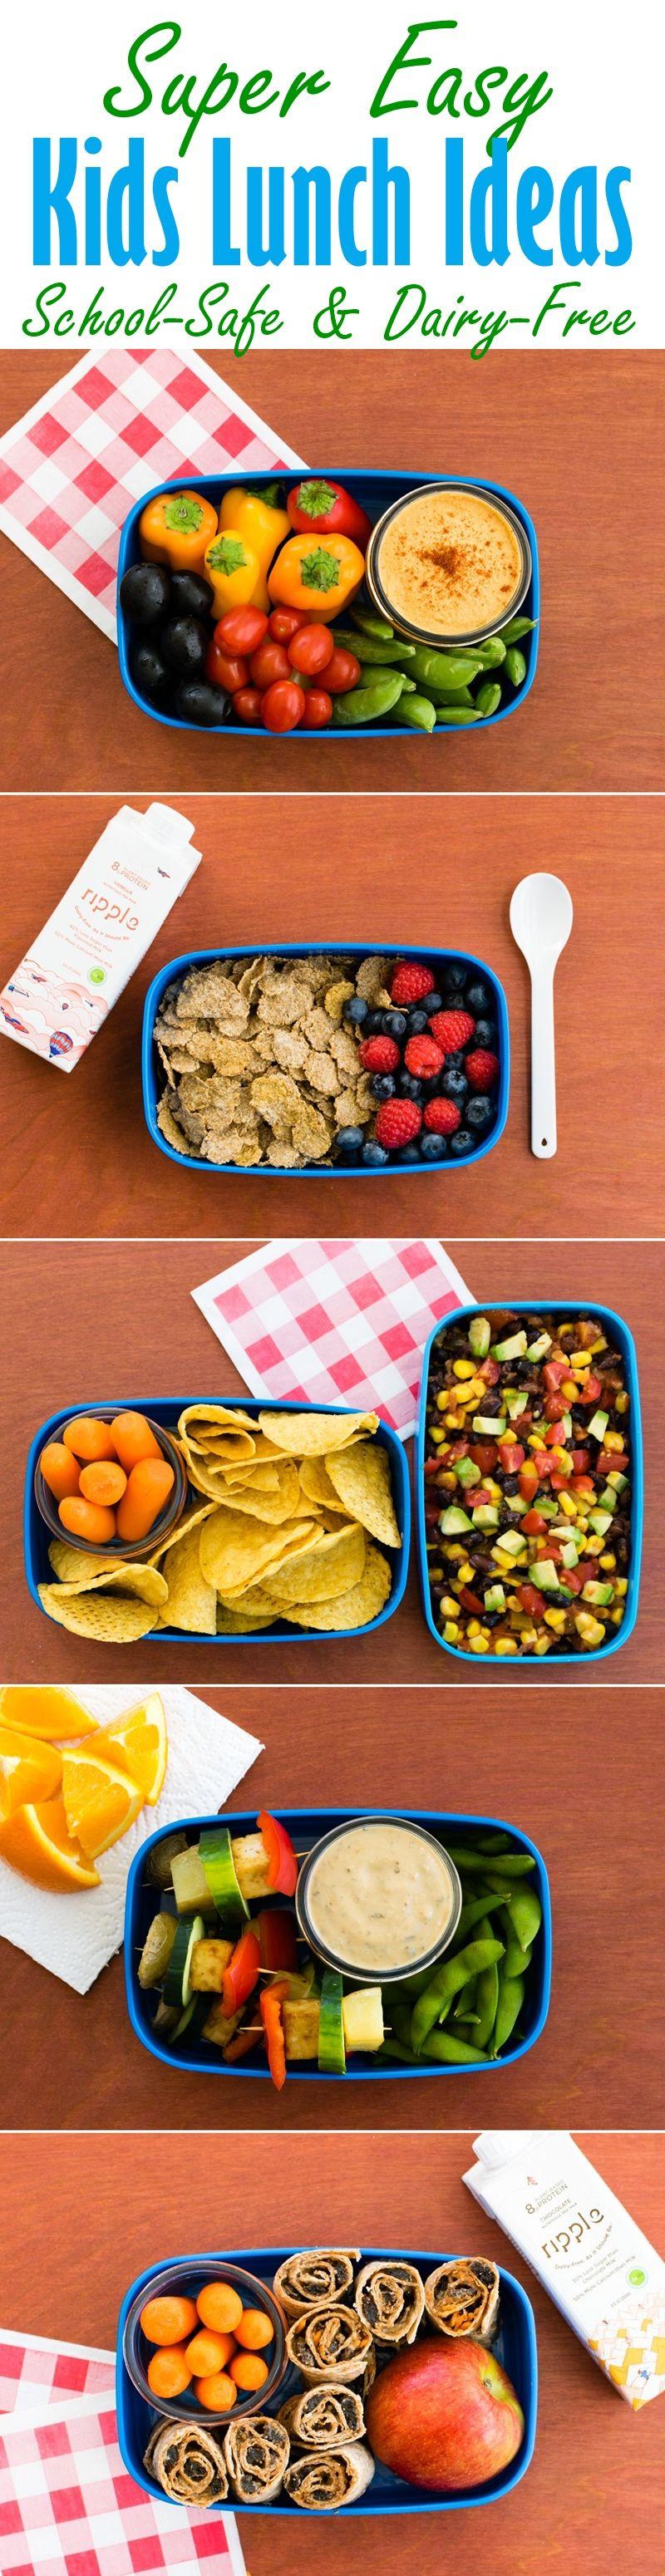 Easy Kids Lunch Ideas DairyFree, SchoolSafe & No Prep